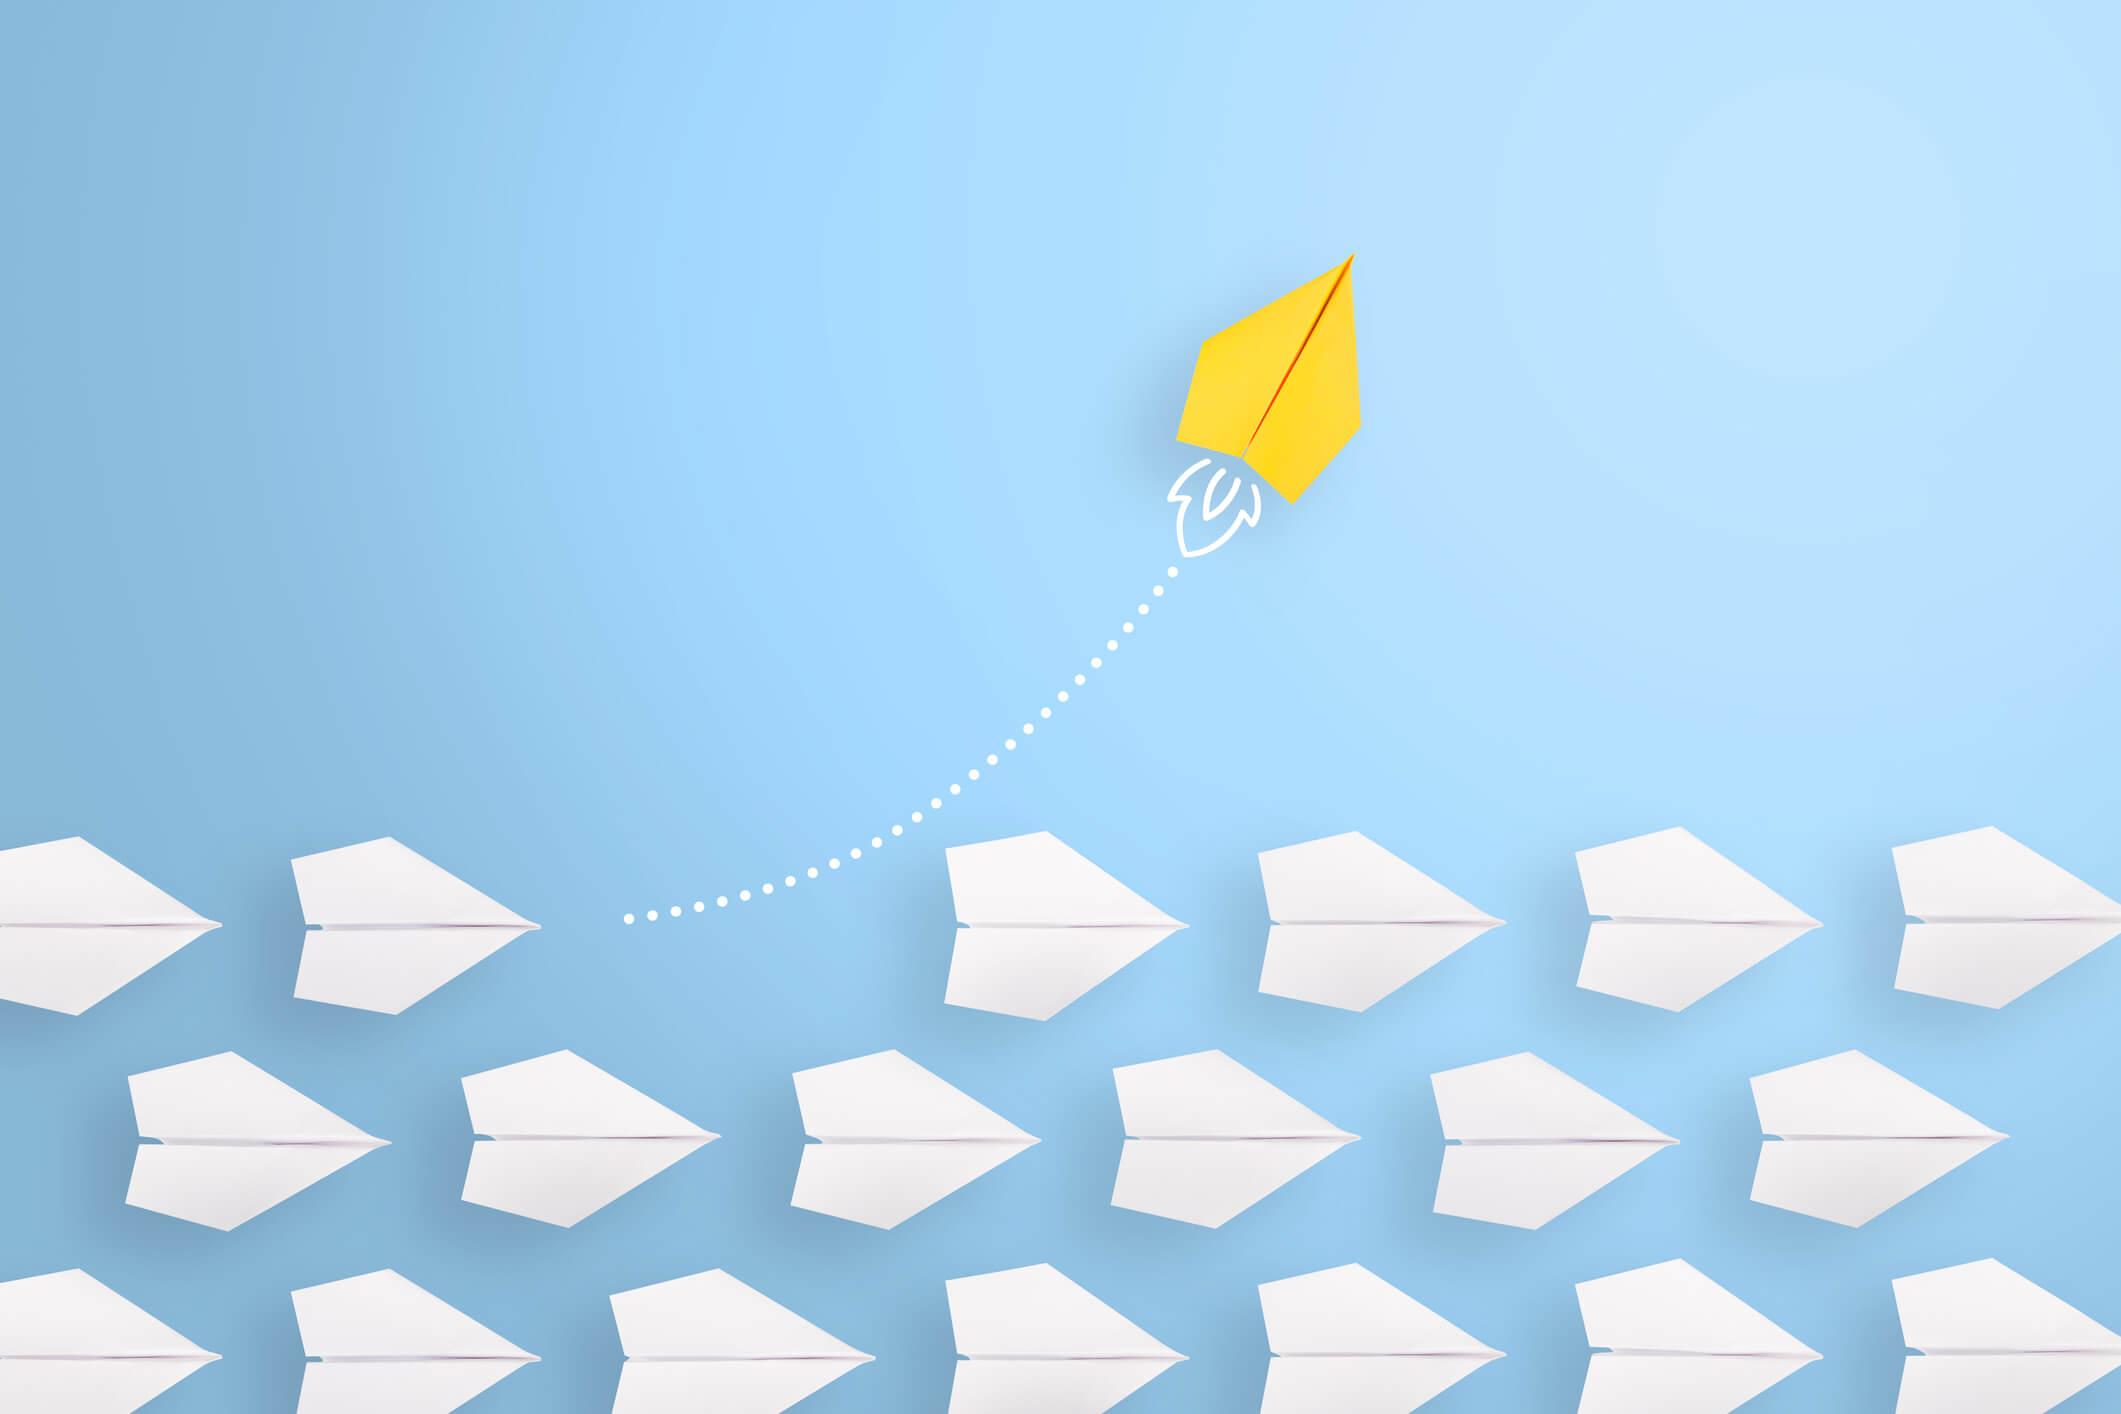 Personalisierung im Marketing: Erklärung, Anwendung, Erfolgsstrategien